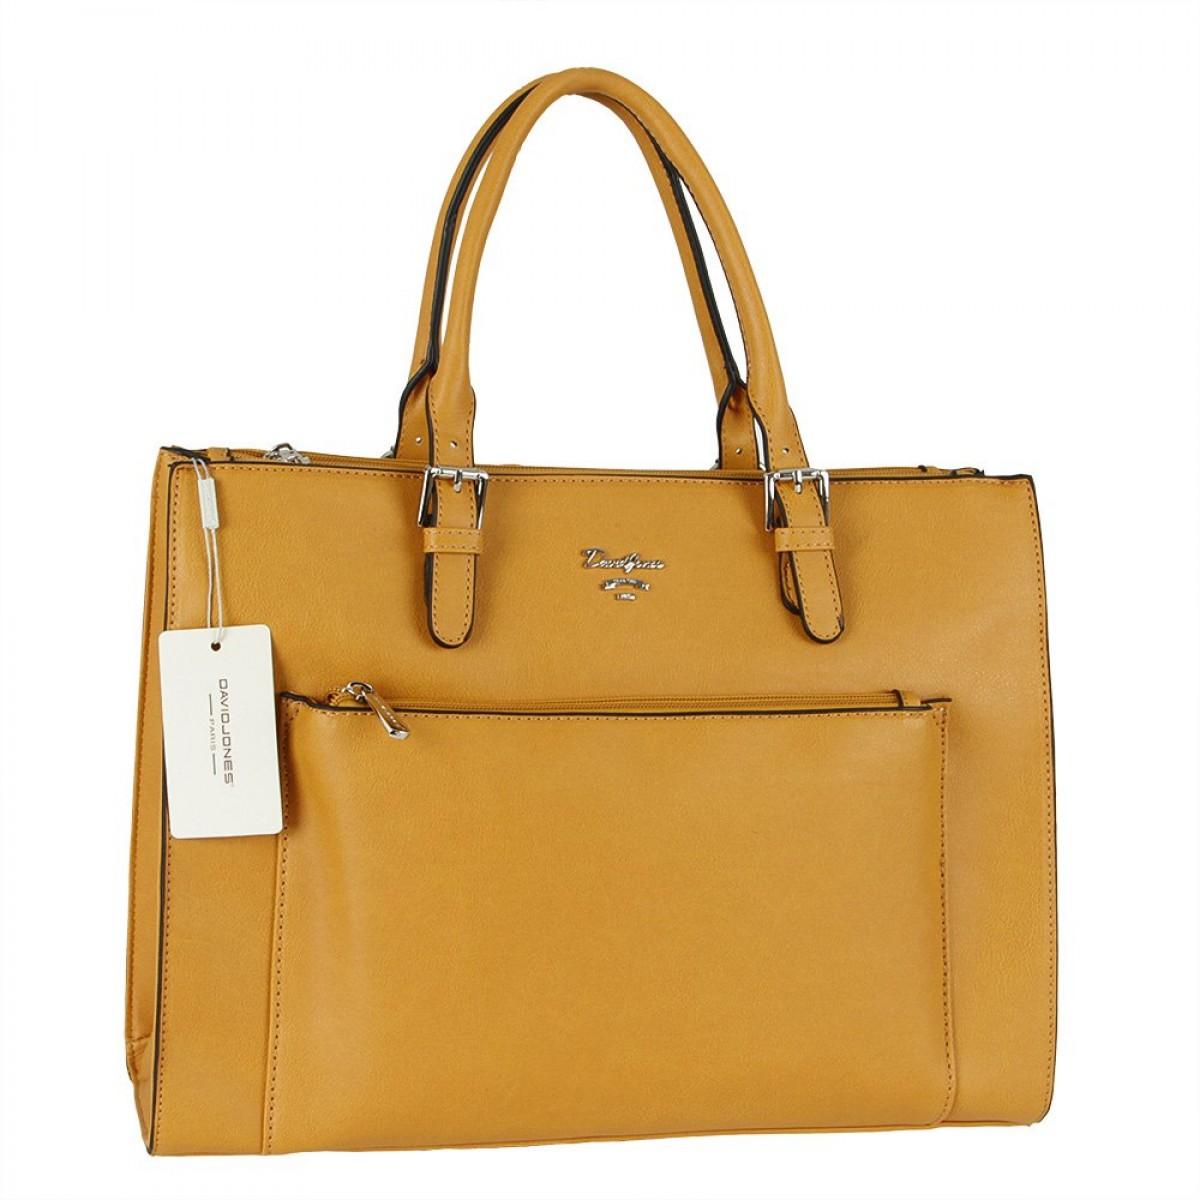 Жіноча сумка David Jones CM5776 YELLOW